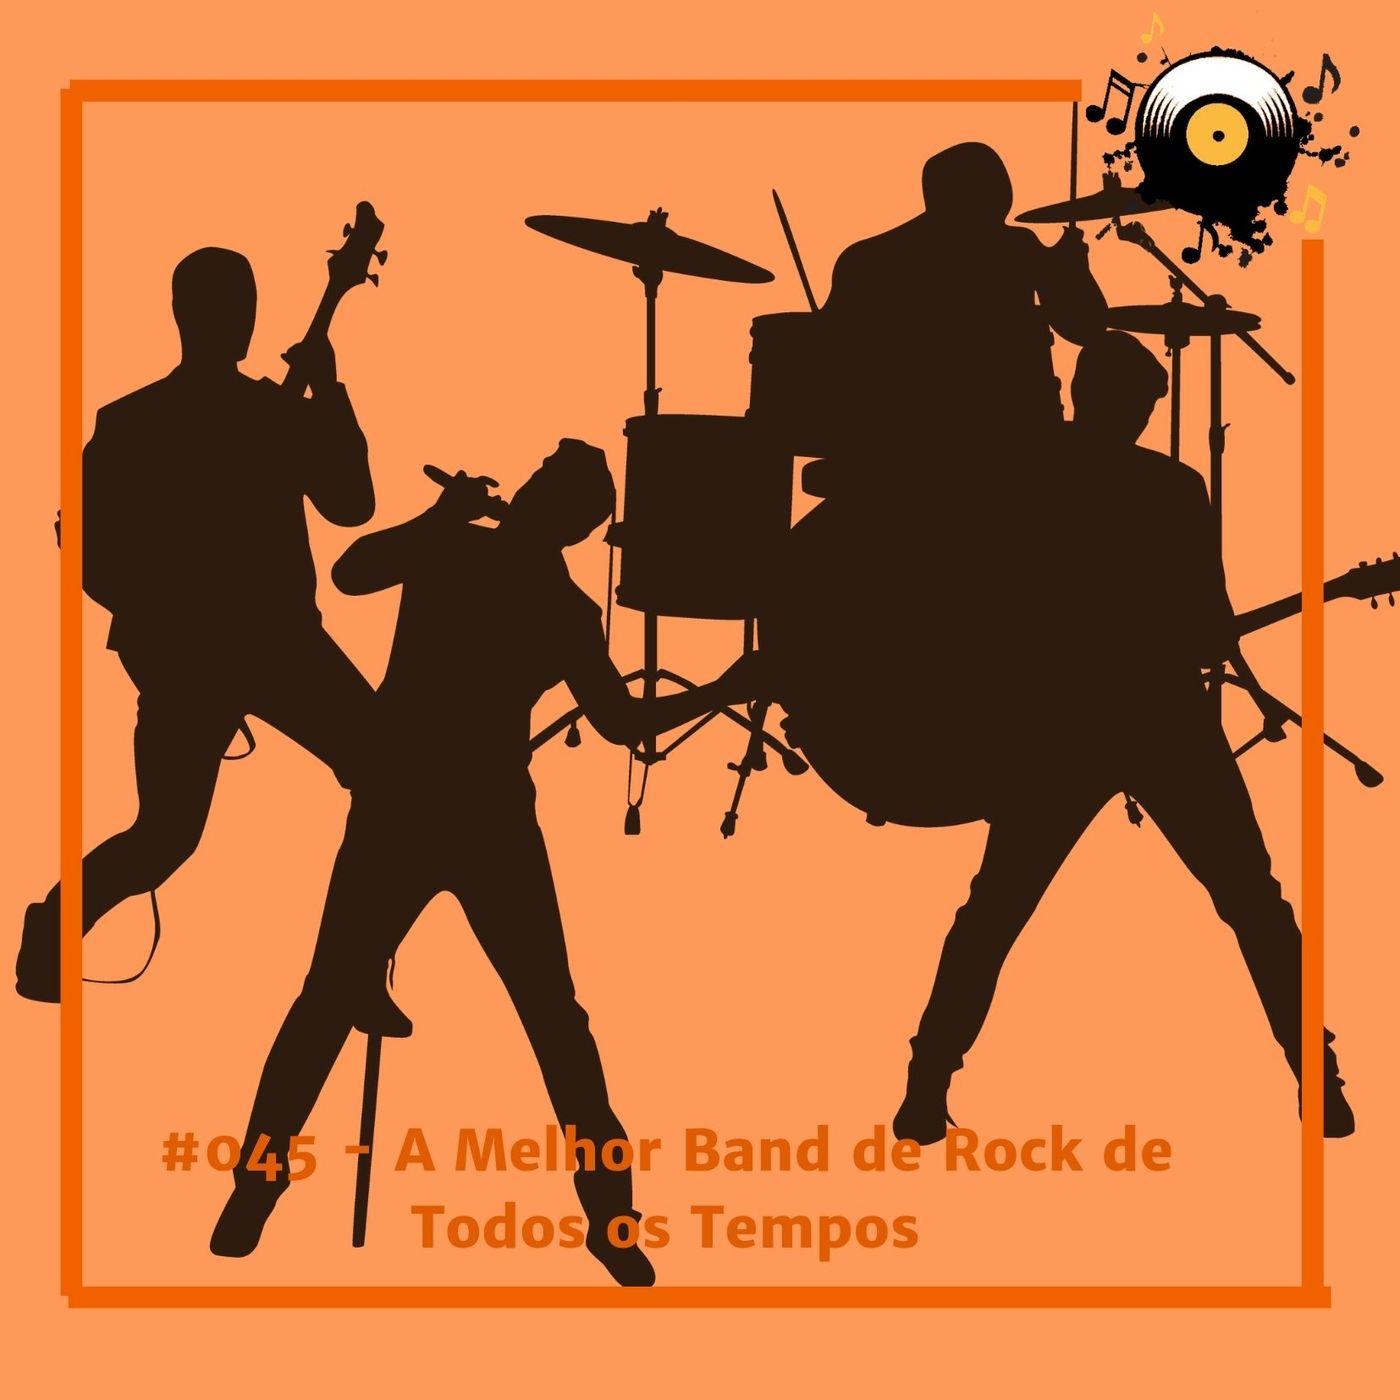 #045 - A Melhor Banda de Rock Todos os Tempos